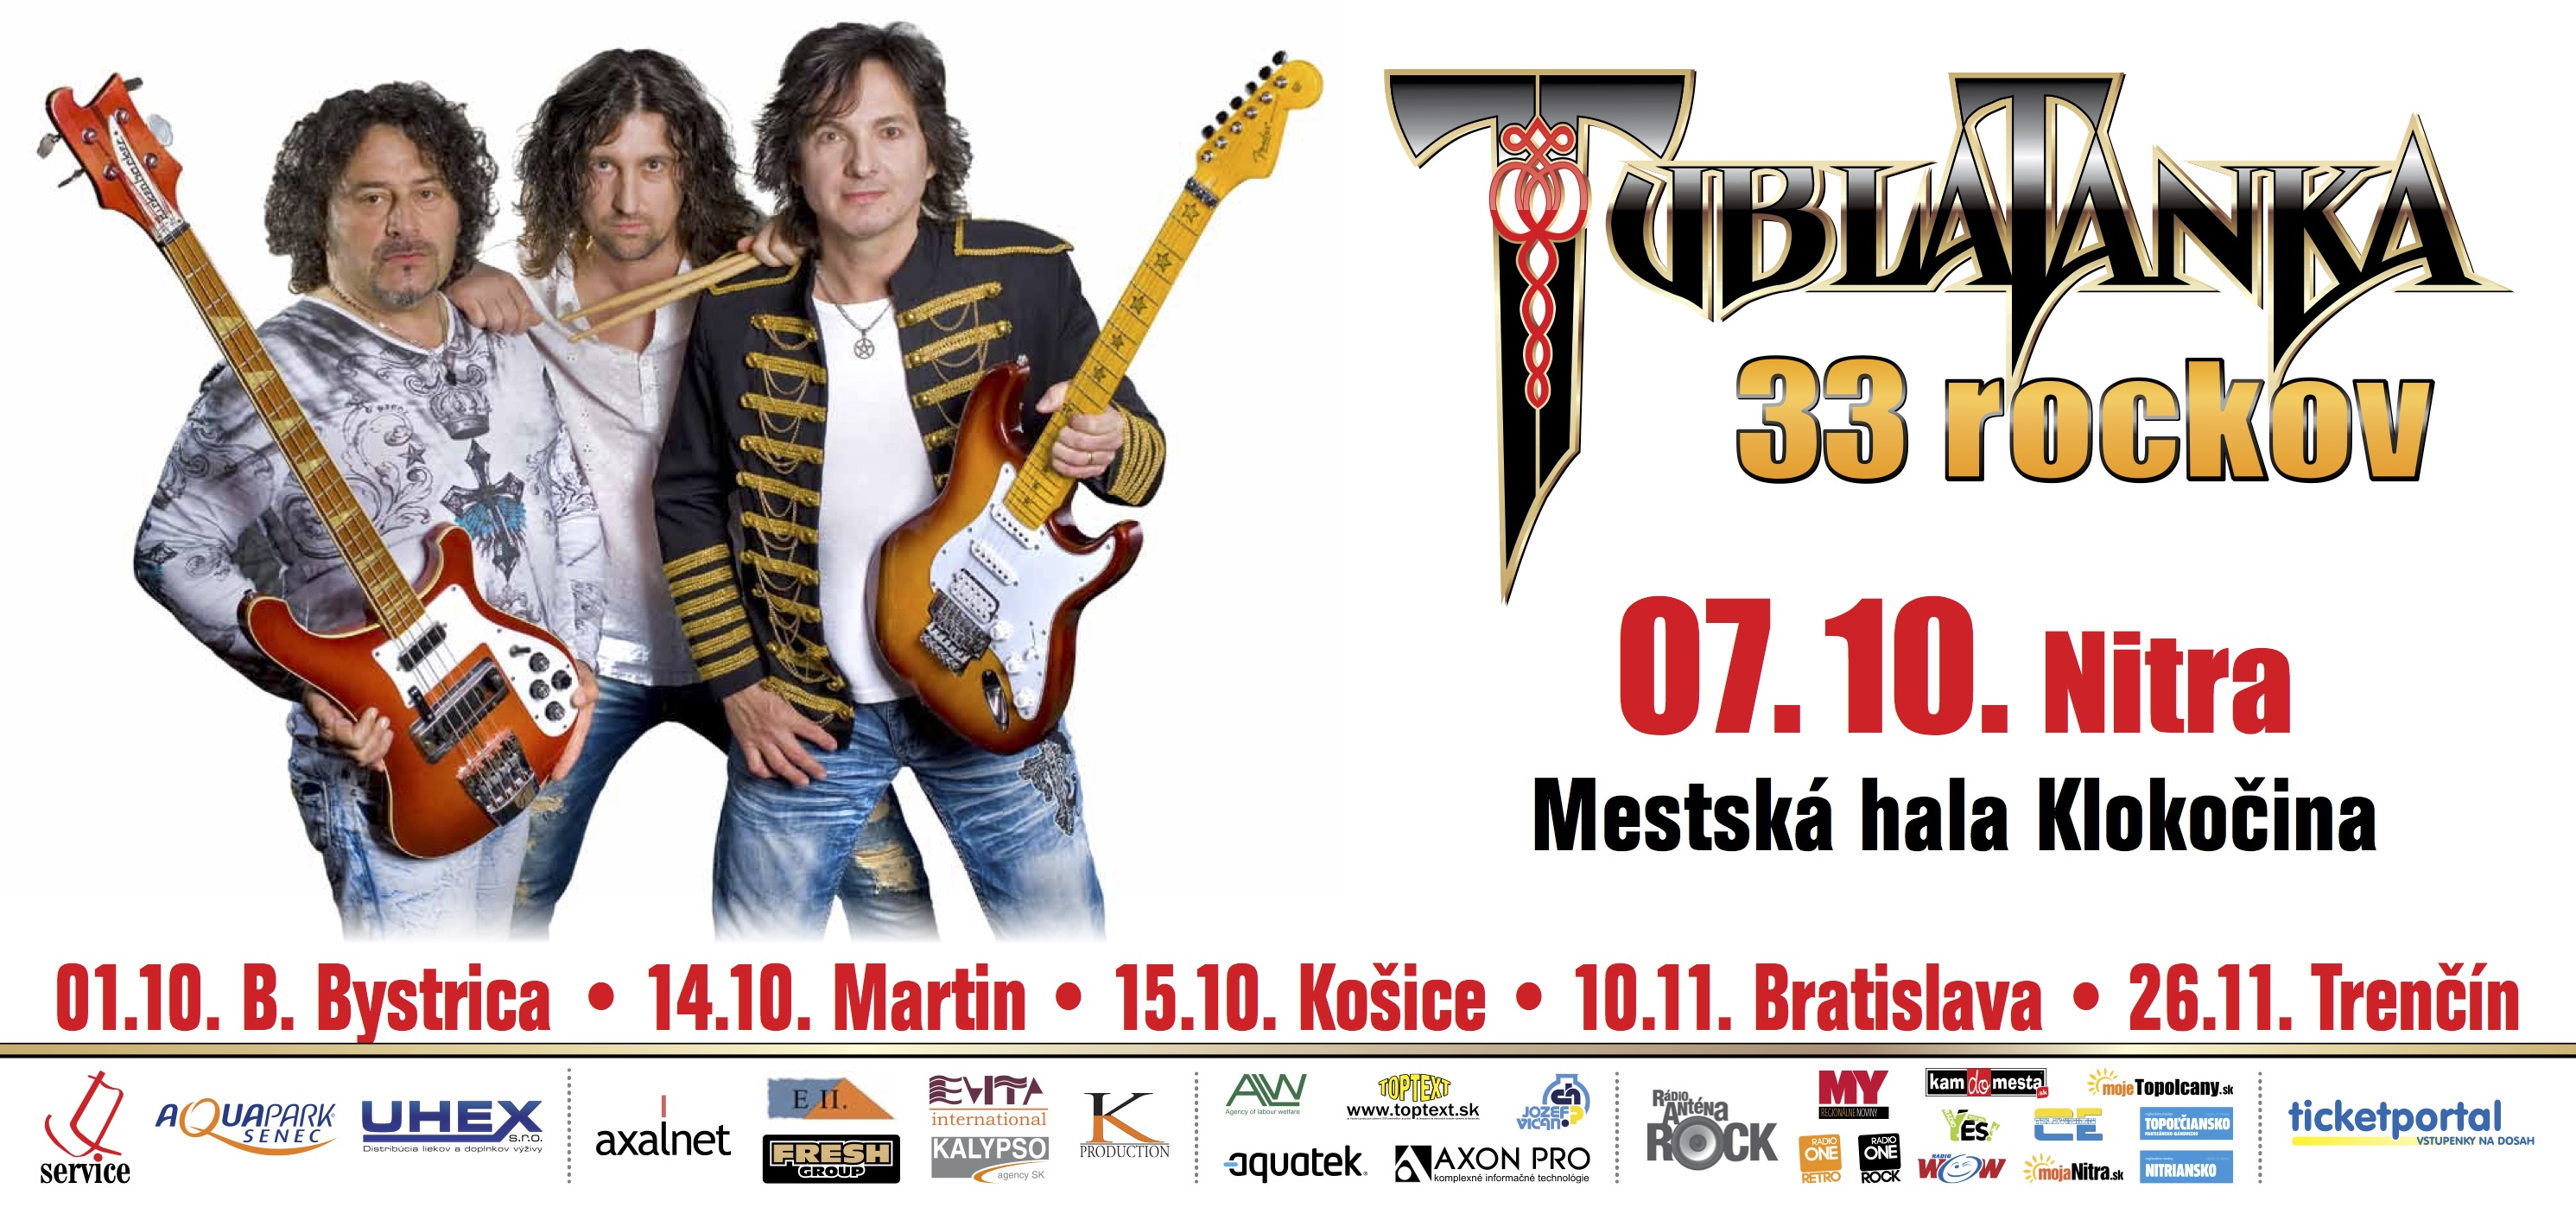 TUBLATANKA 33 rockov - oslavovať sa bud - Kam v meste  4aa72e1b9ea